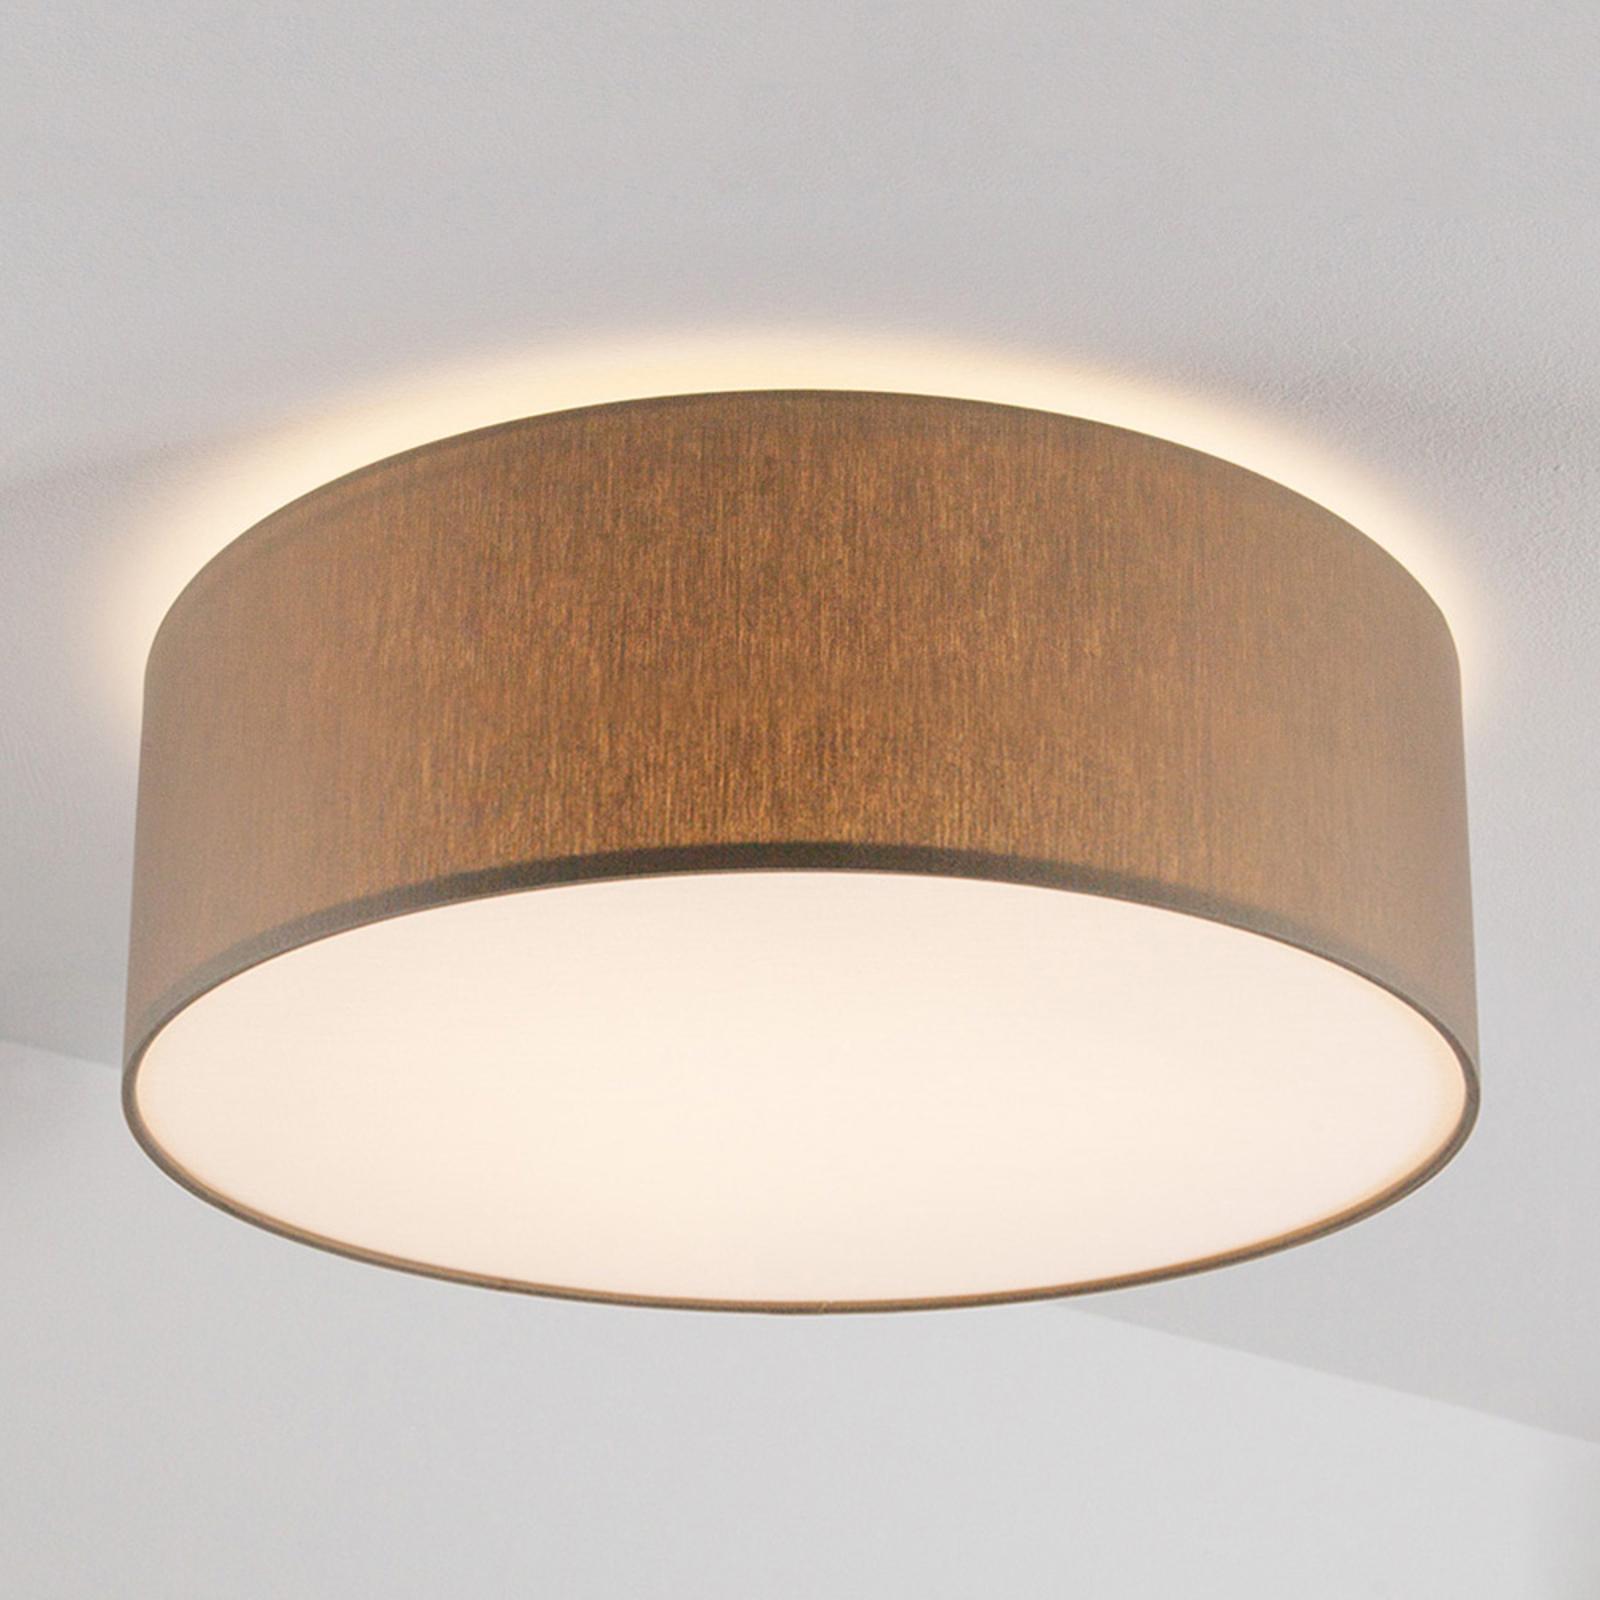 Szarobrązowa lampa sufitowa MARA, 50 cm